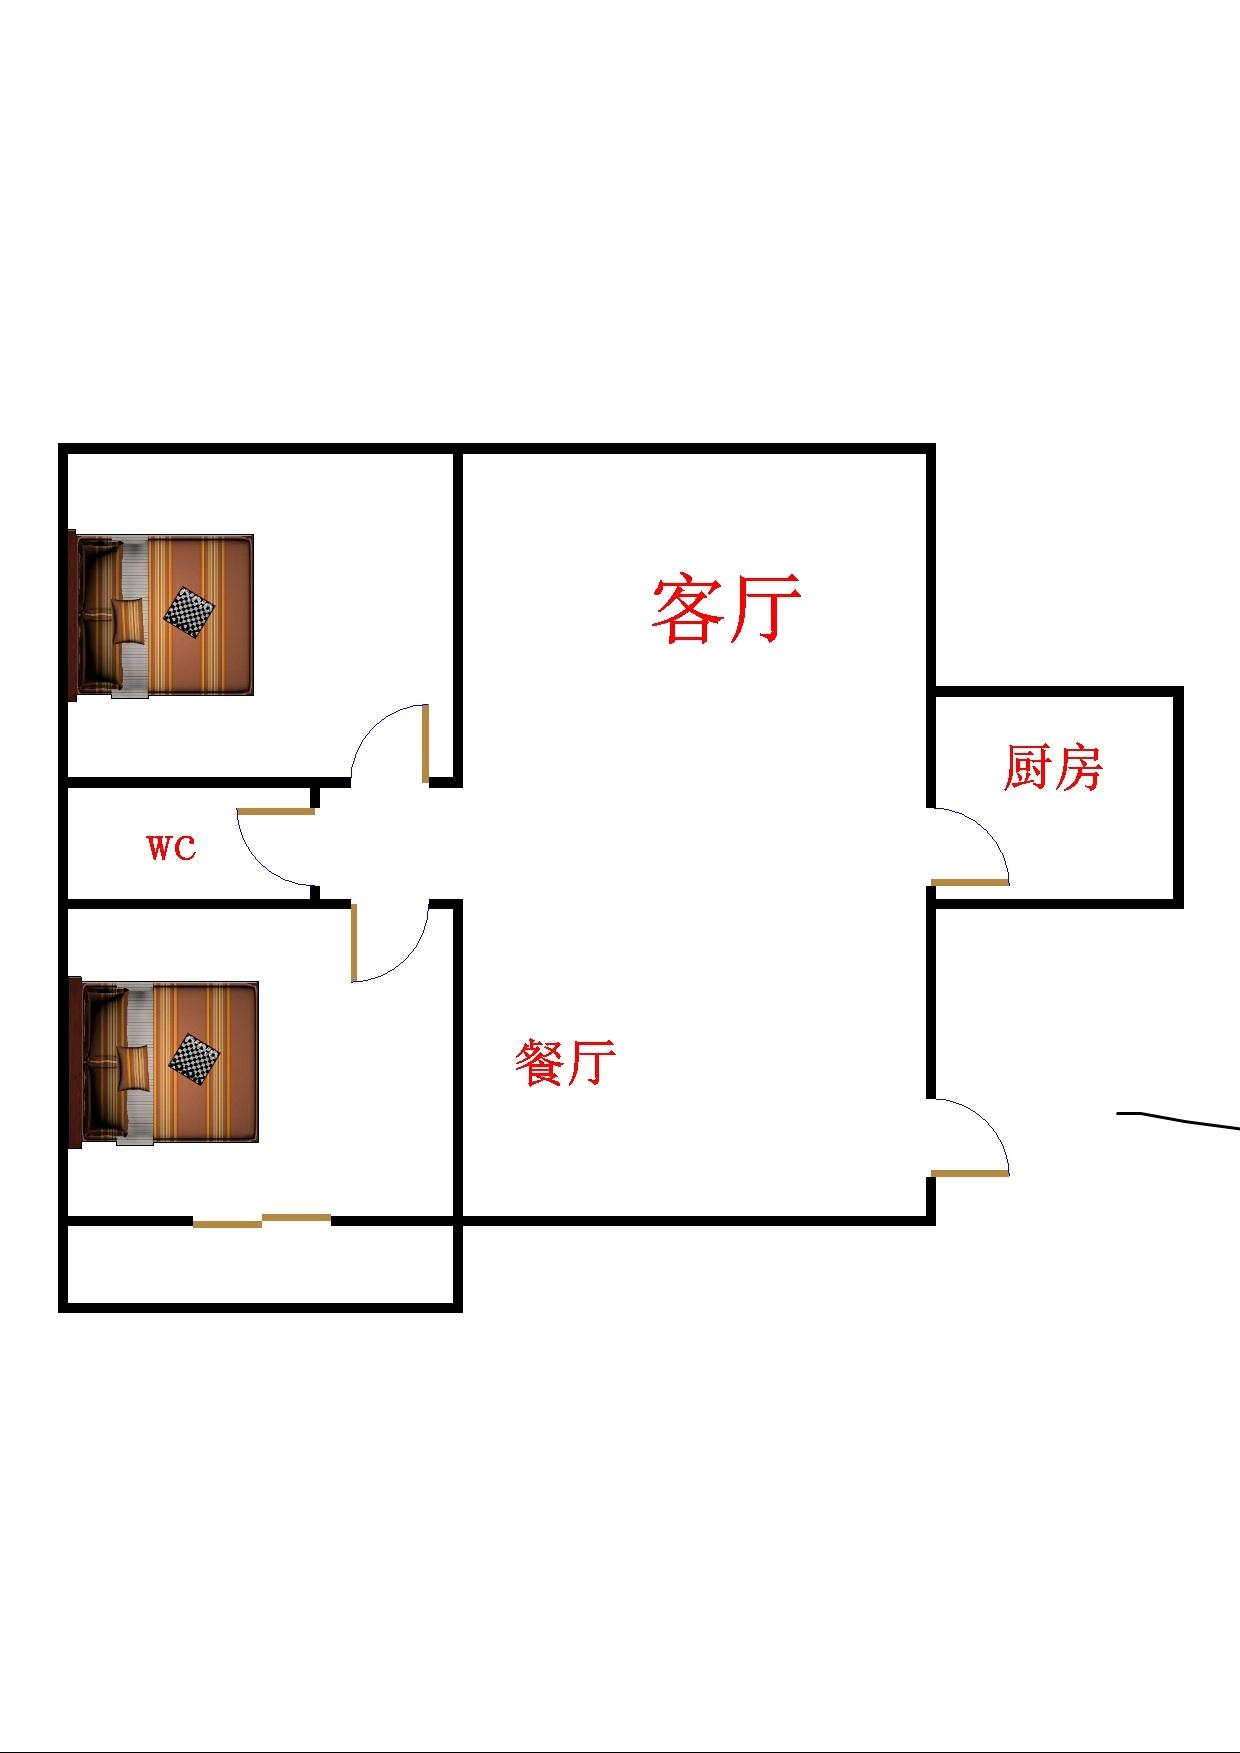 南苑花城 2室1厅 11楼